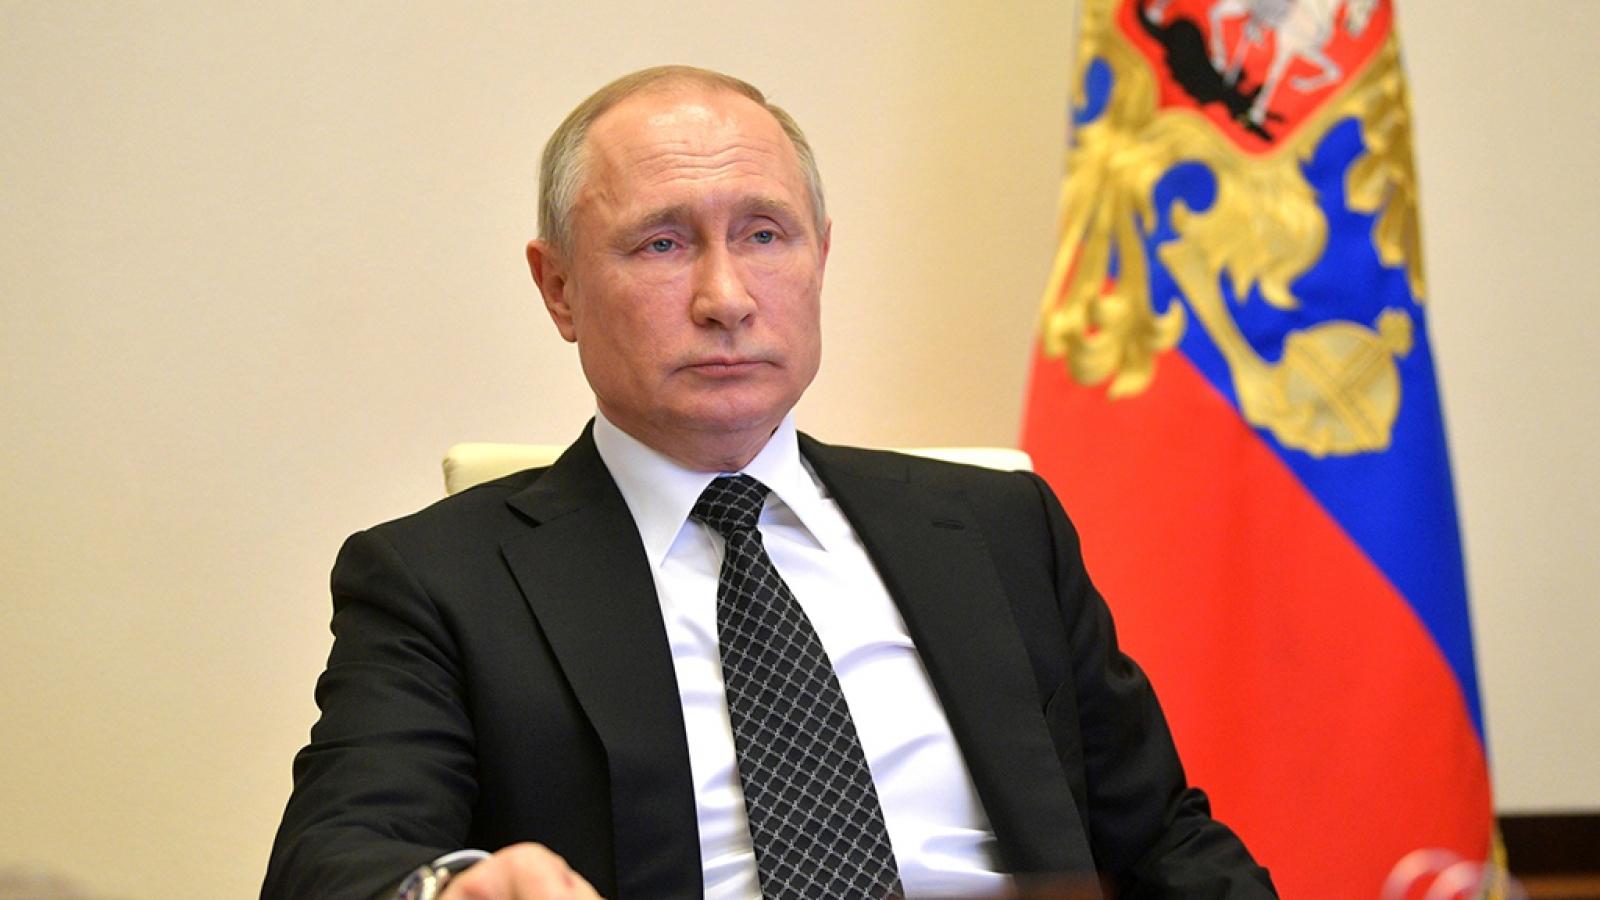 Tỷ lệ tử vong do Covid-19 ở Nga thấp hơn nhiều lần ở các nước khác